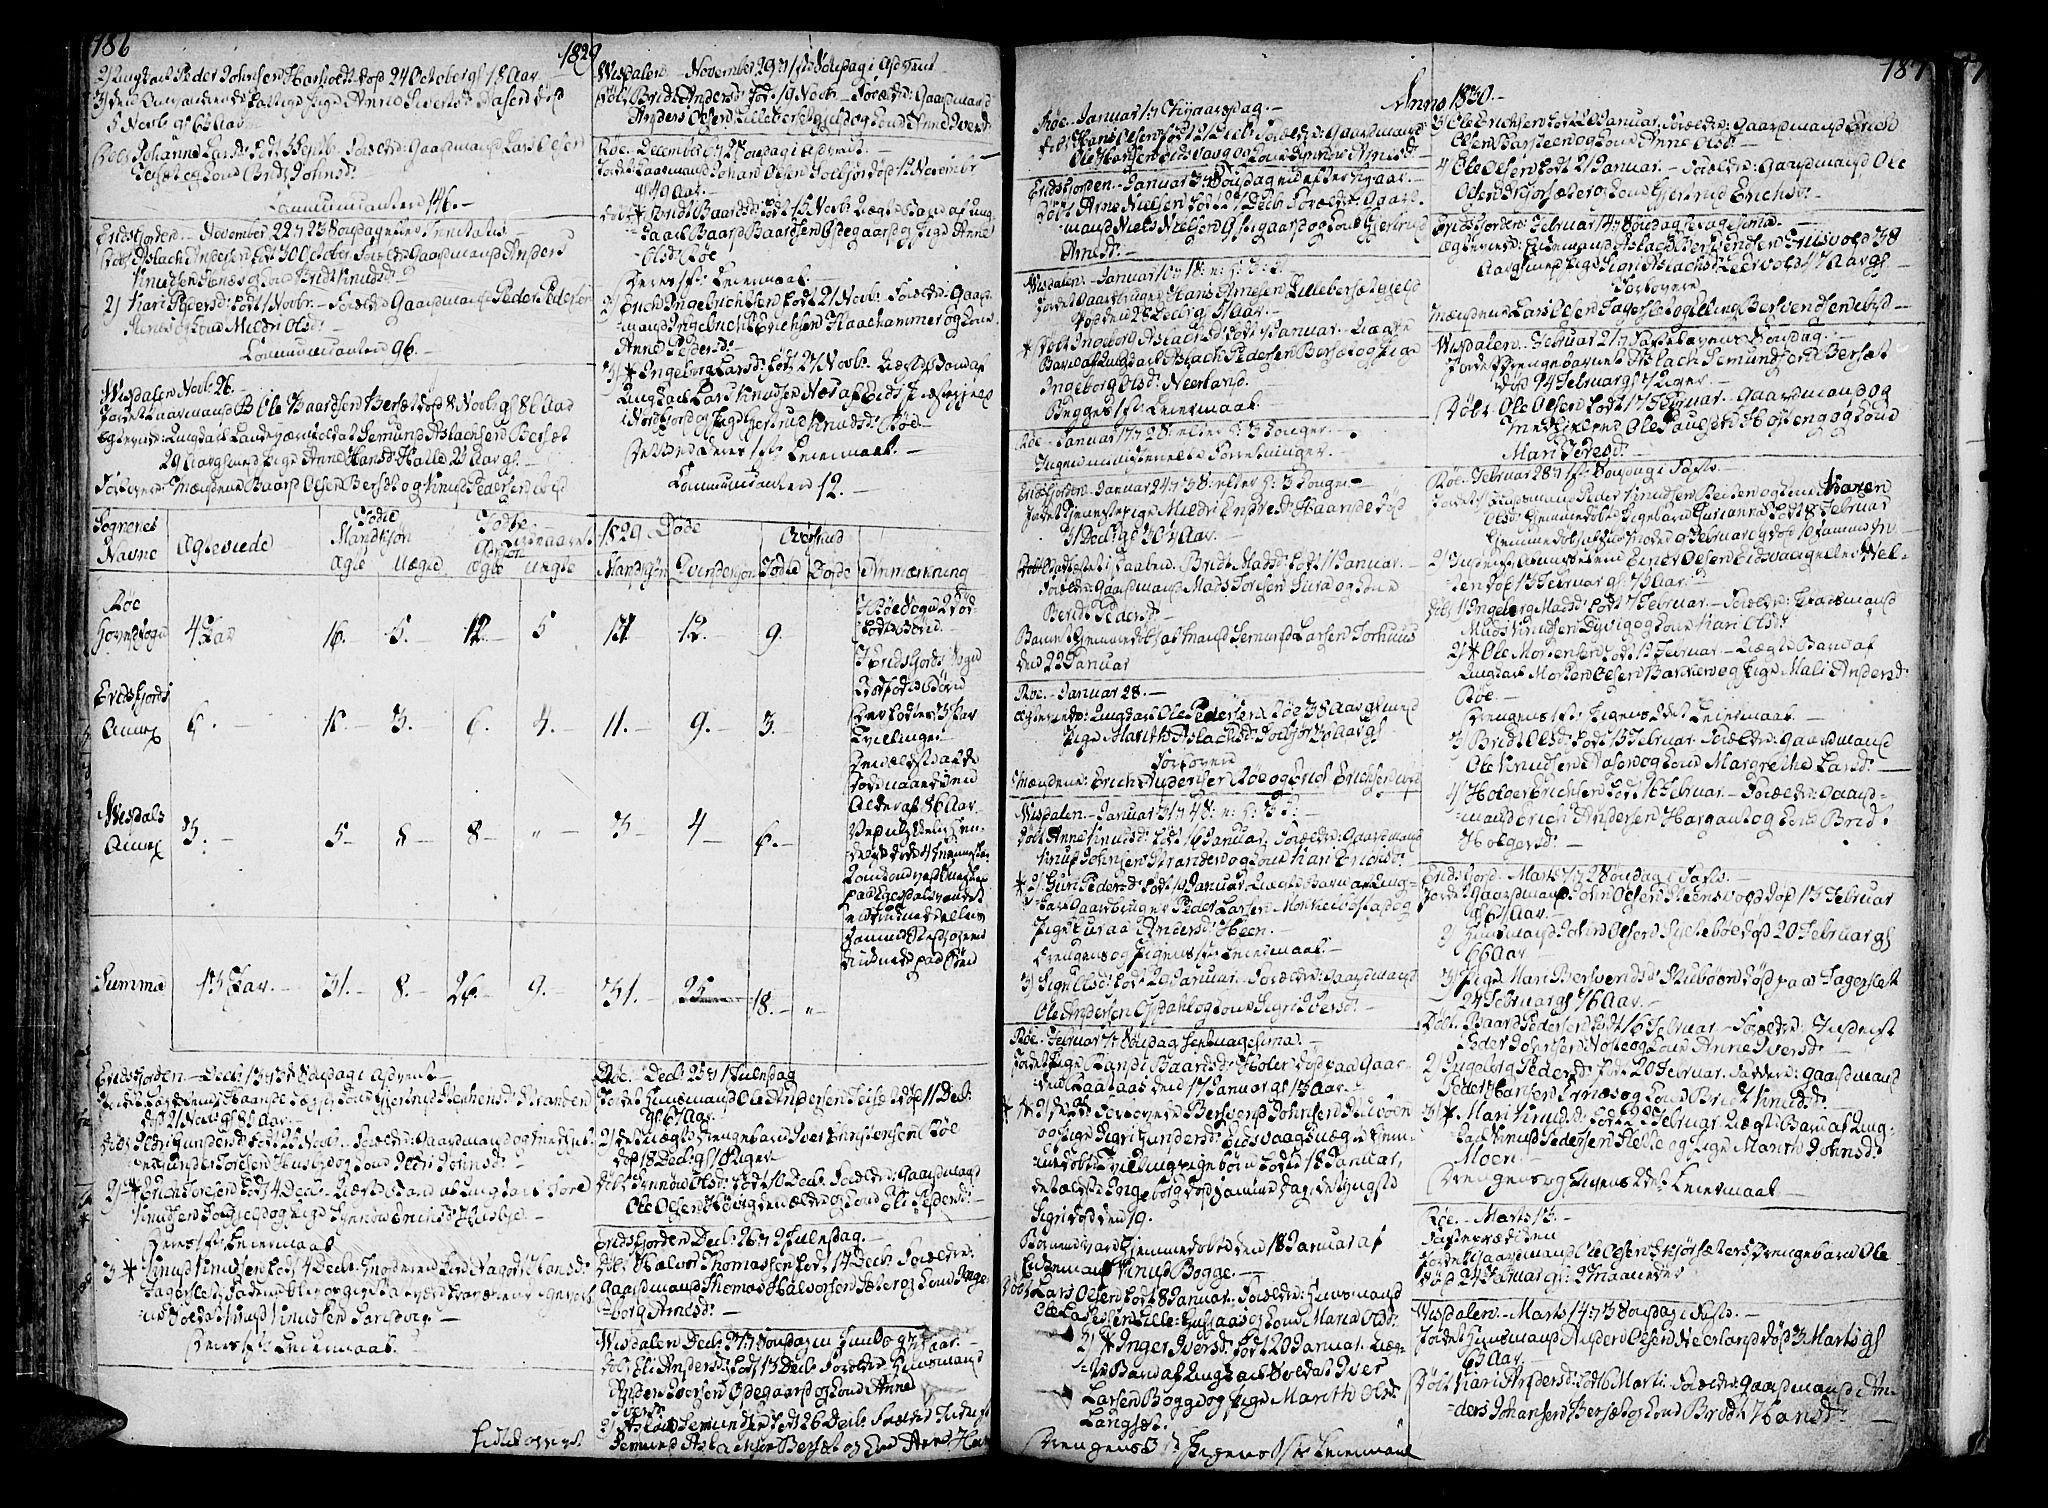 SAT, Ministerialprotokoller, klokkerbøker og fødselsregistre - Møre og Romsdal, 551/L0622: Ministerialbok nr. 551A02, 1804-1845, s. 186-187